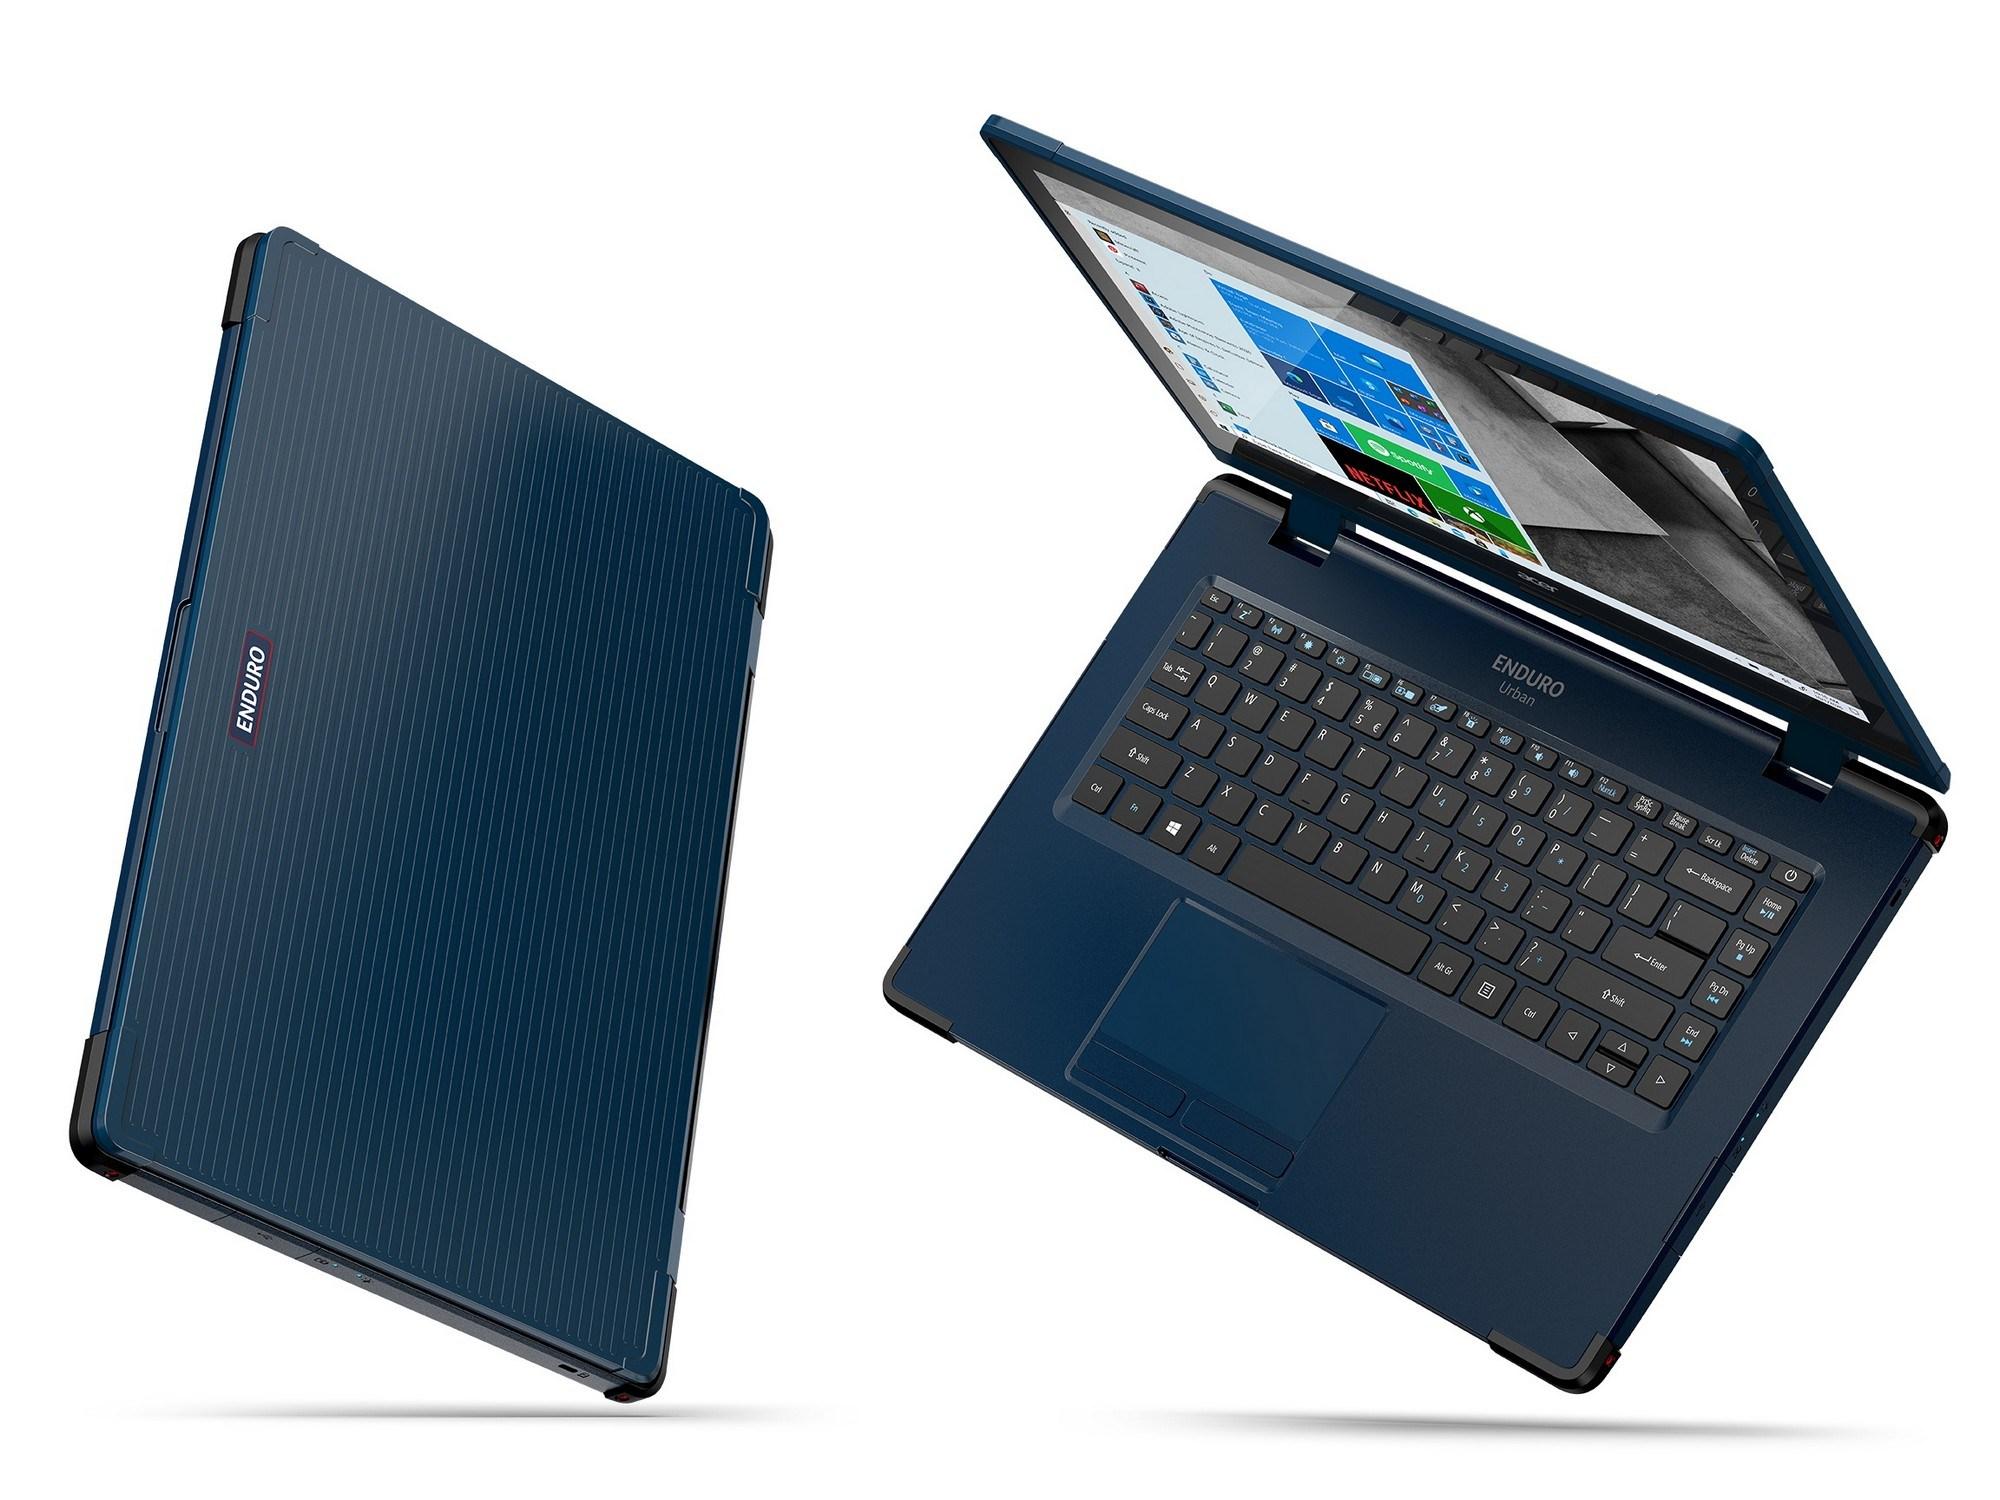 Защищенные ноутбуки Acer ENDURO официально в Украине